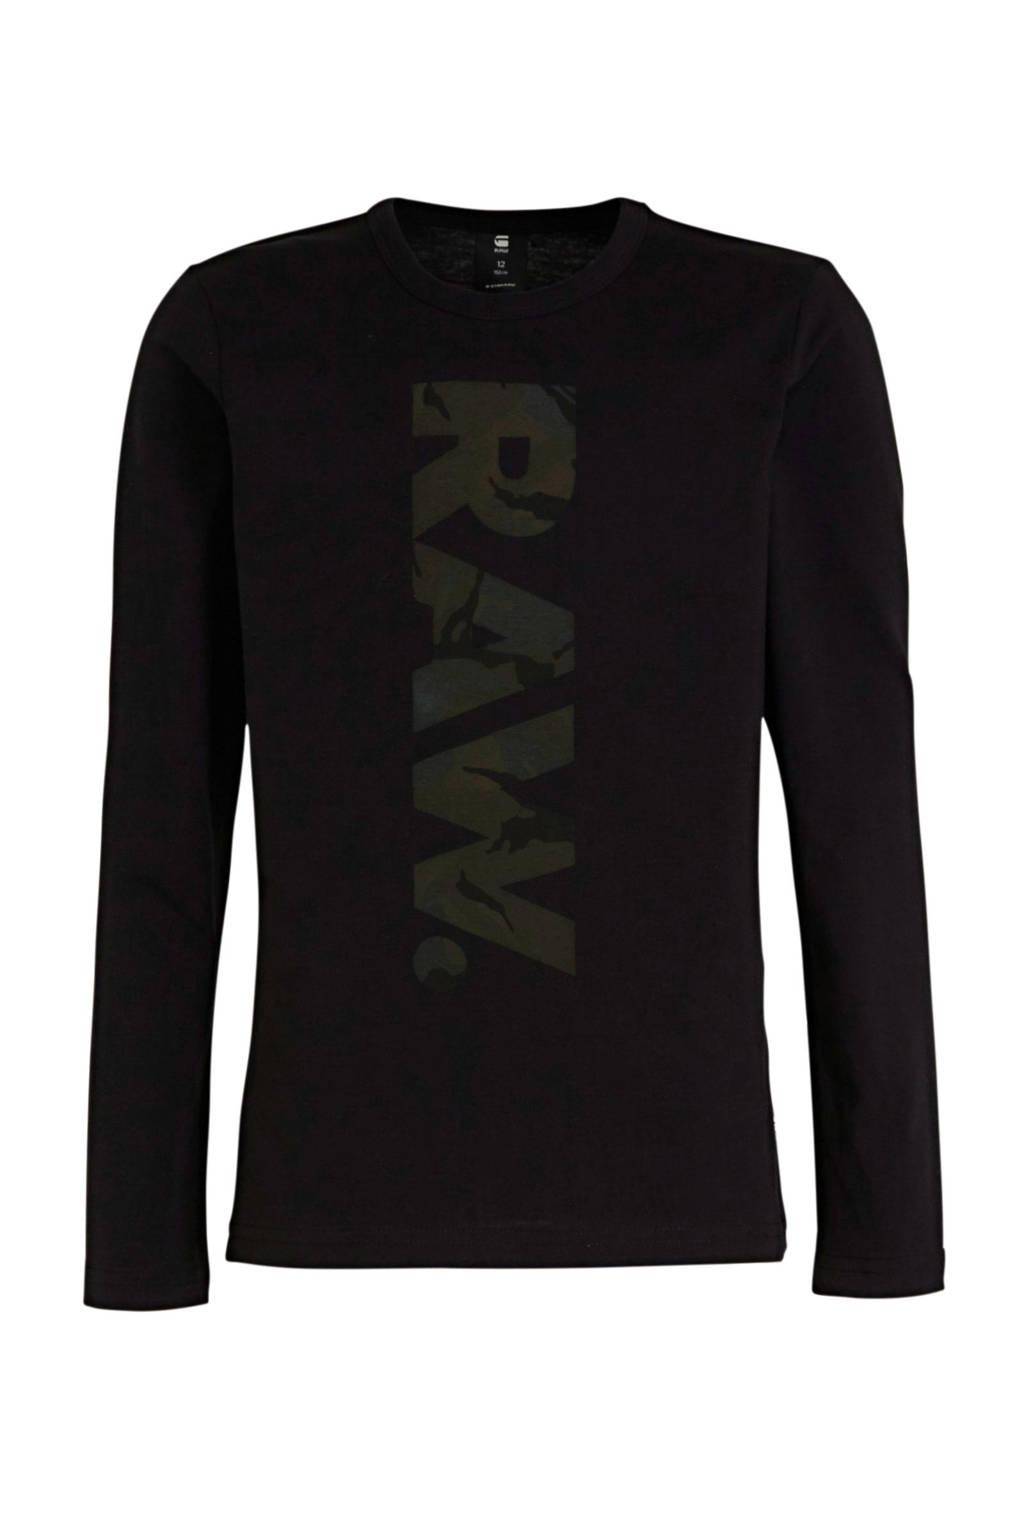 G-Star RAW longsleeve met logo zwart/groen, Zwart/groen